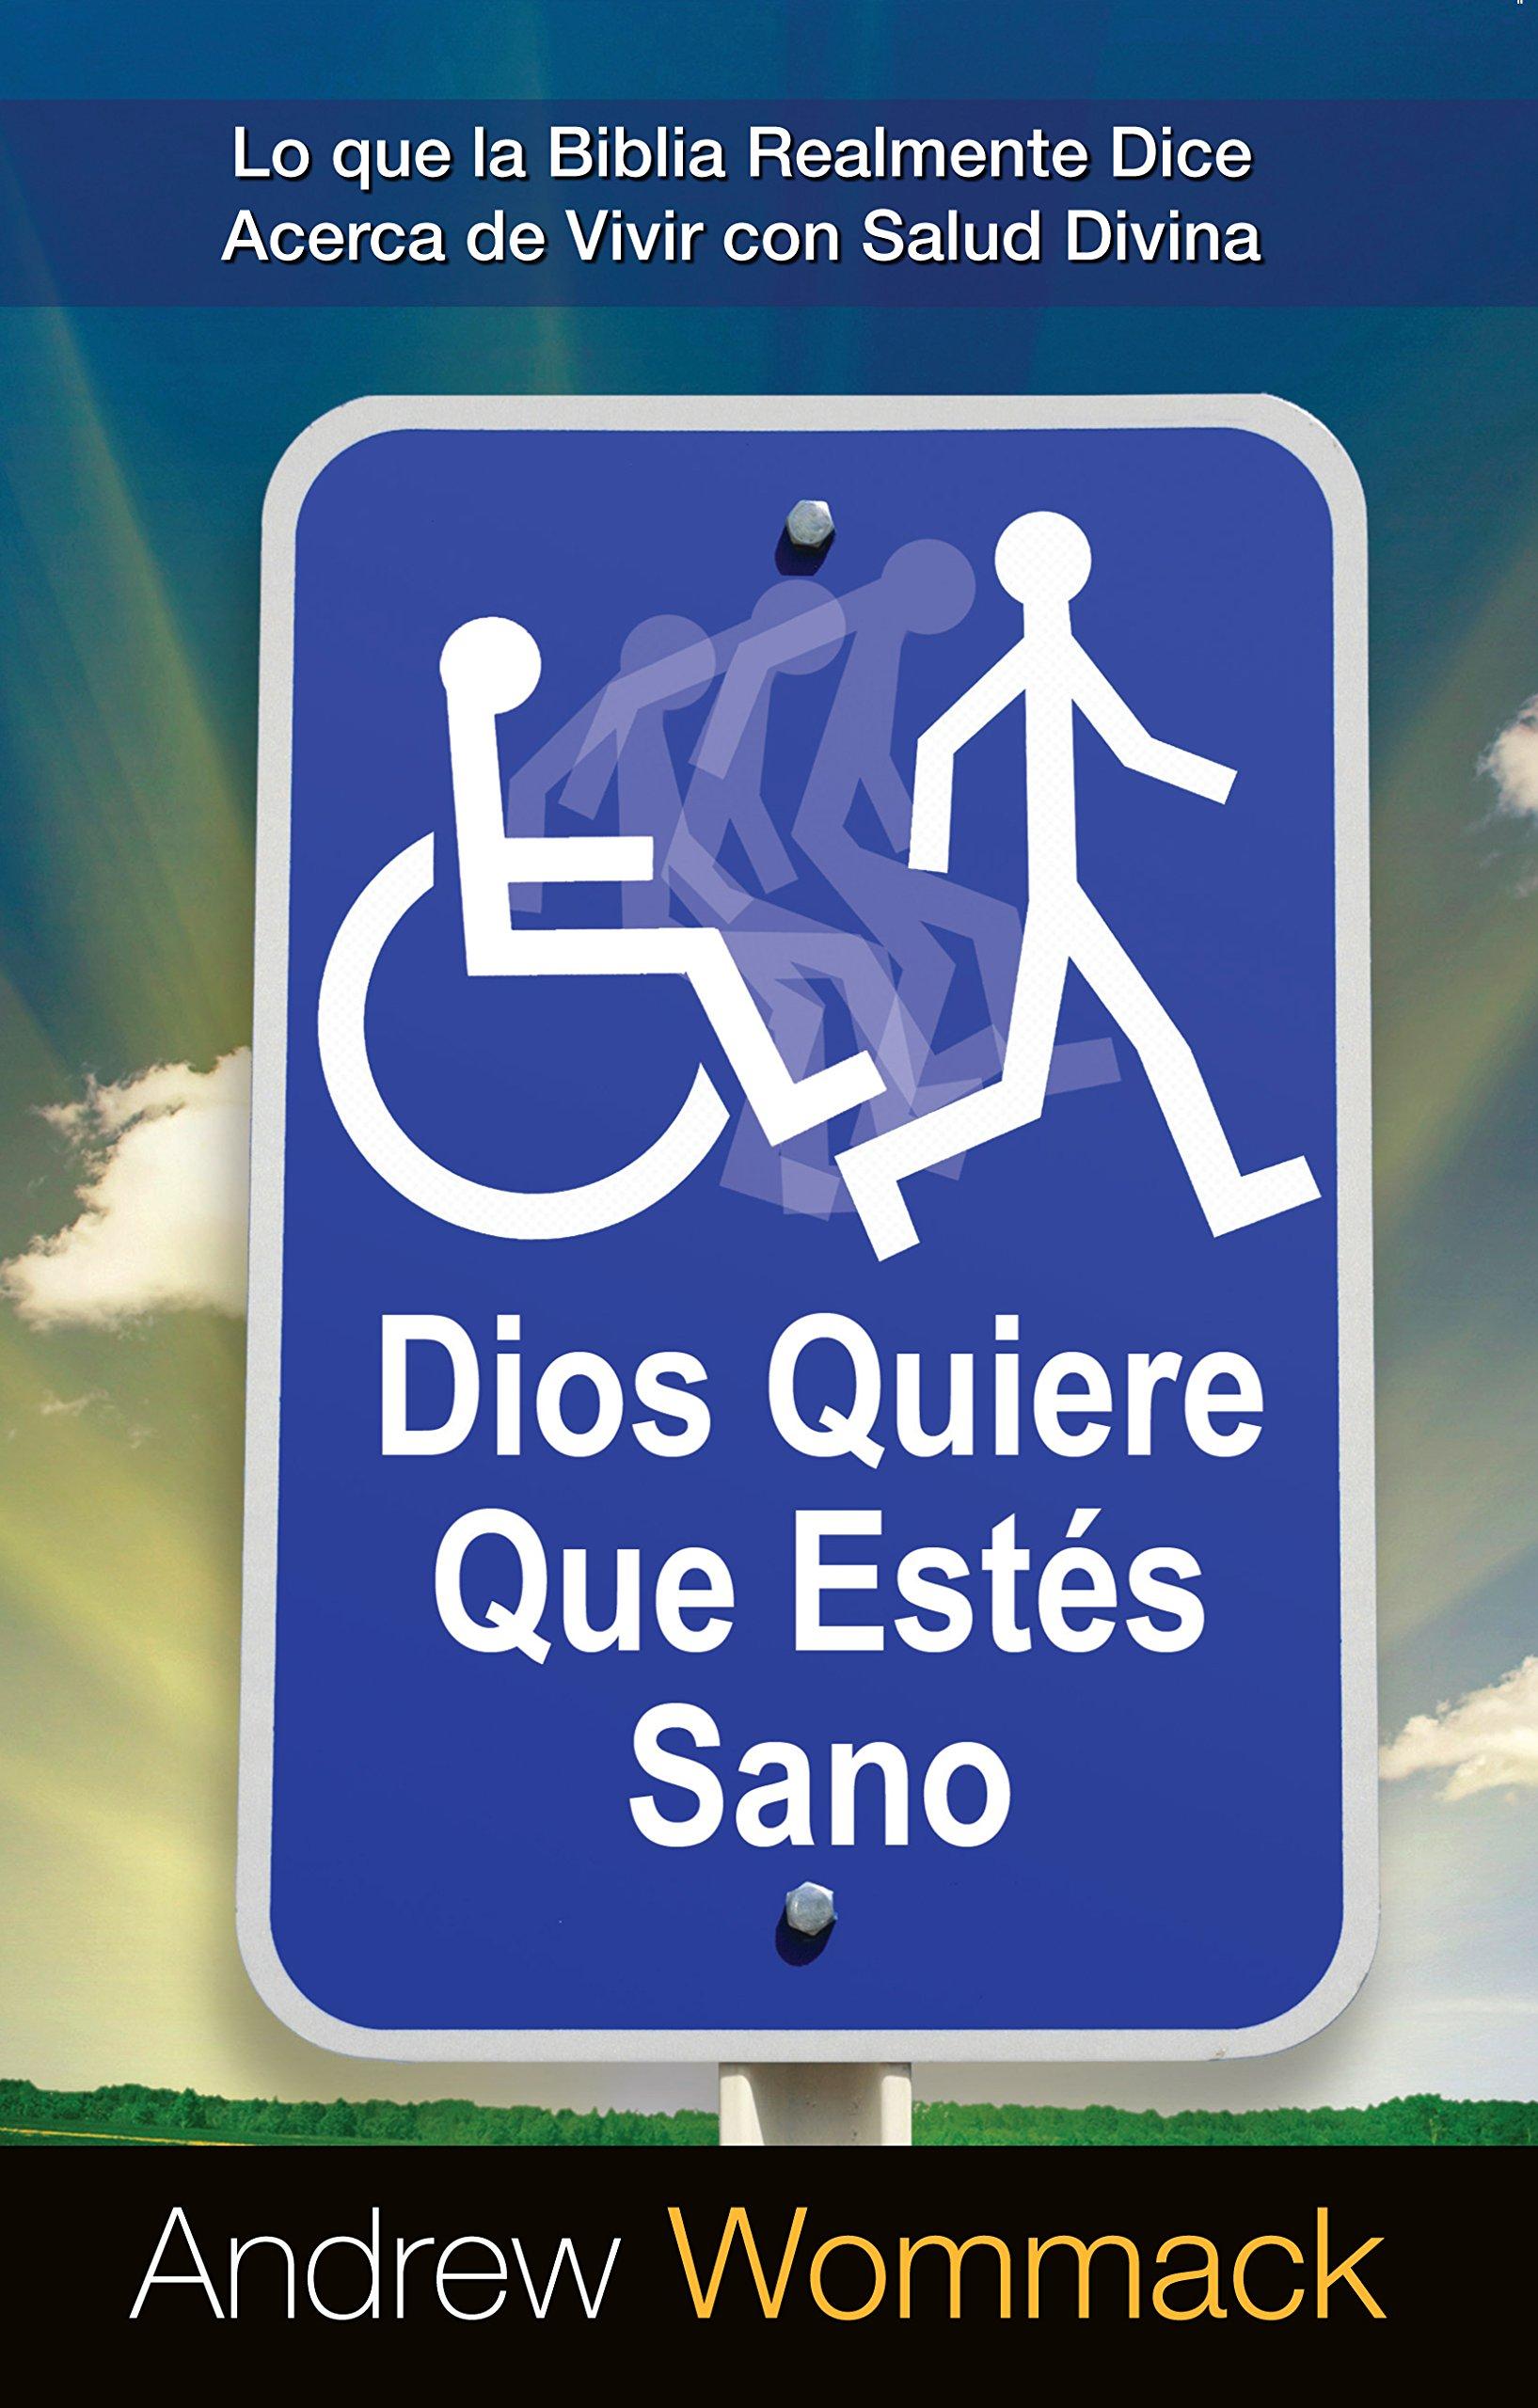 Dios Quiere Que Estén Sano: Lo que la Biblia Realmente Dice Acerca de Vivir con Salud Divina (God Wants You Well) (Spanish Edition)